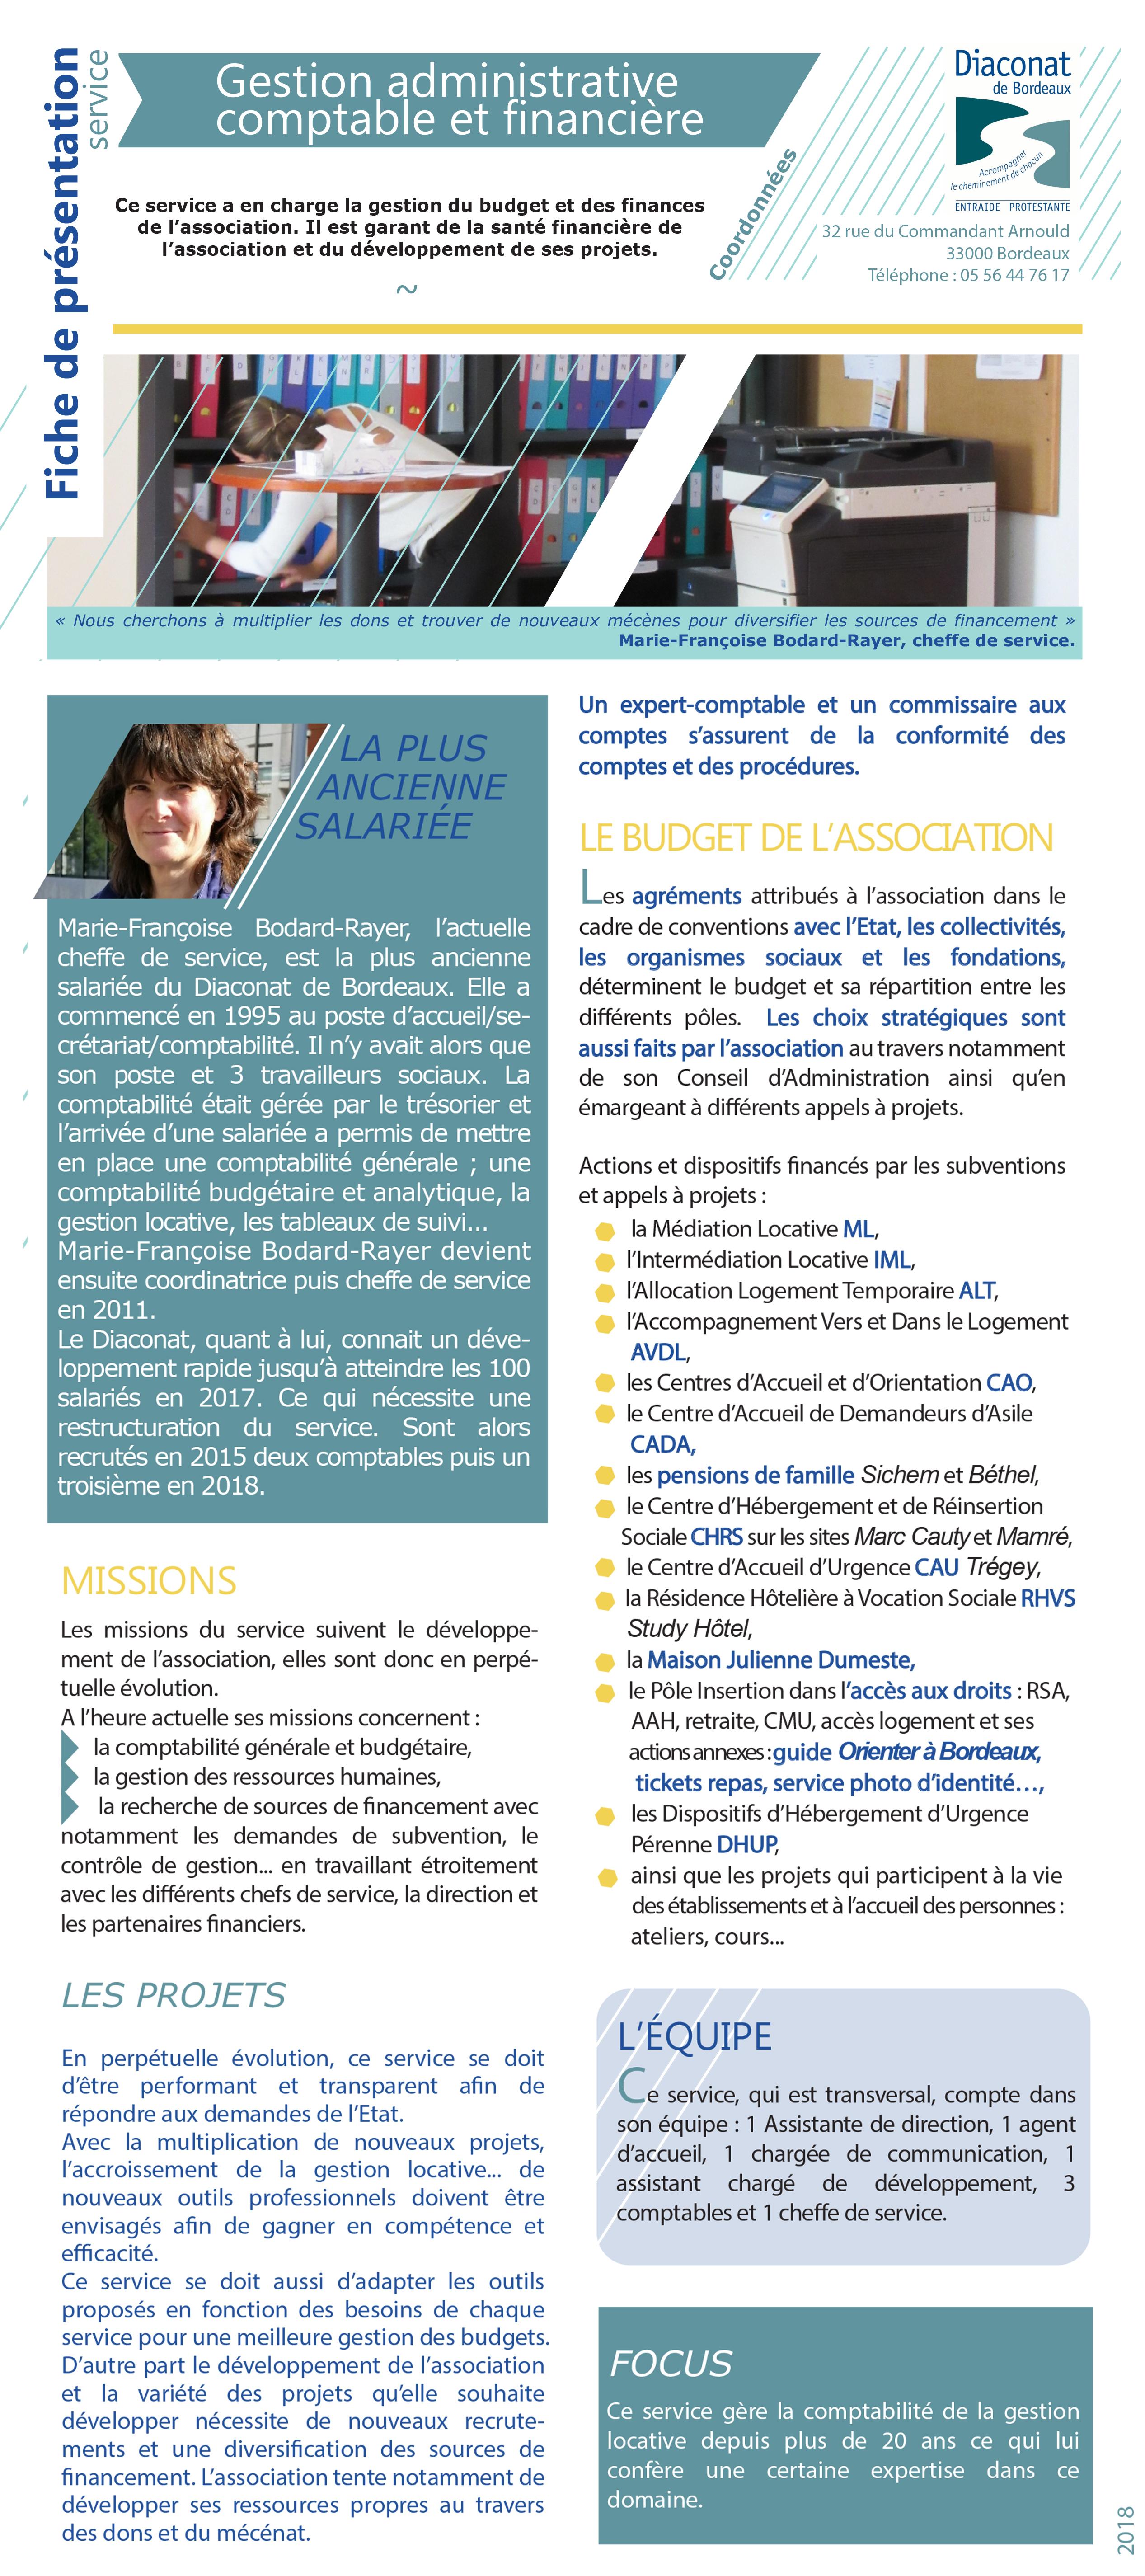 Gestion administrative comptable et financière